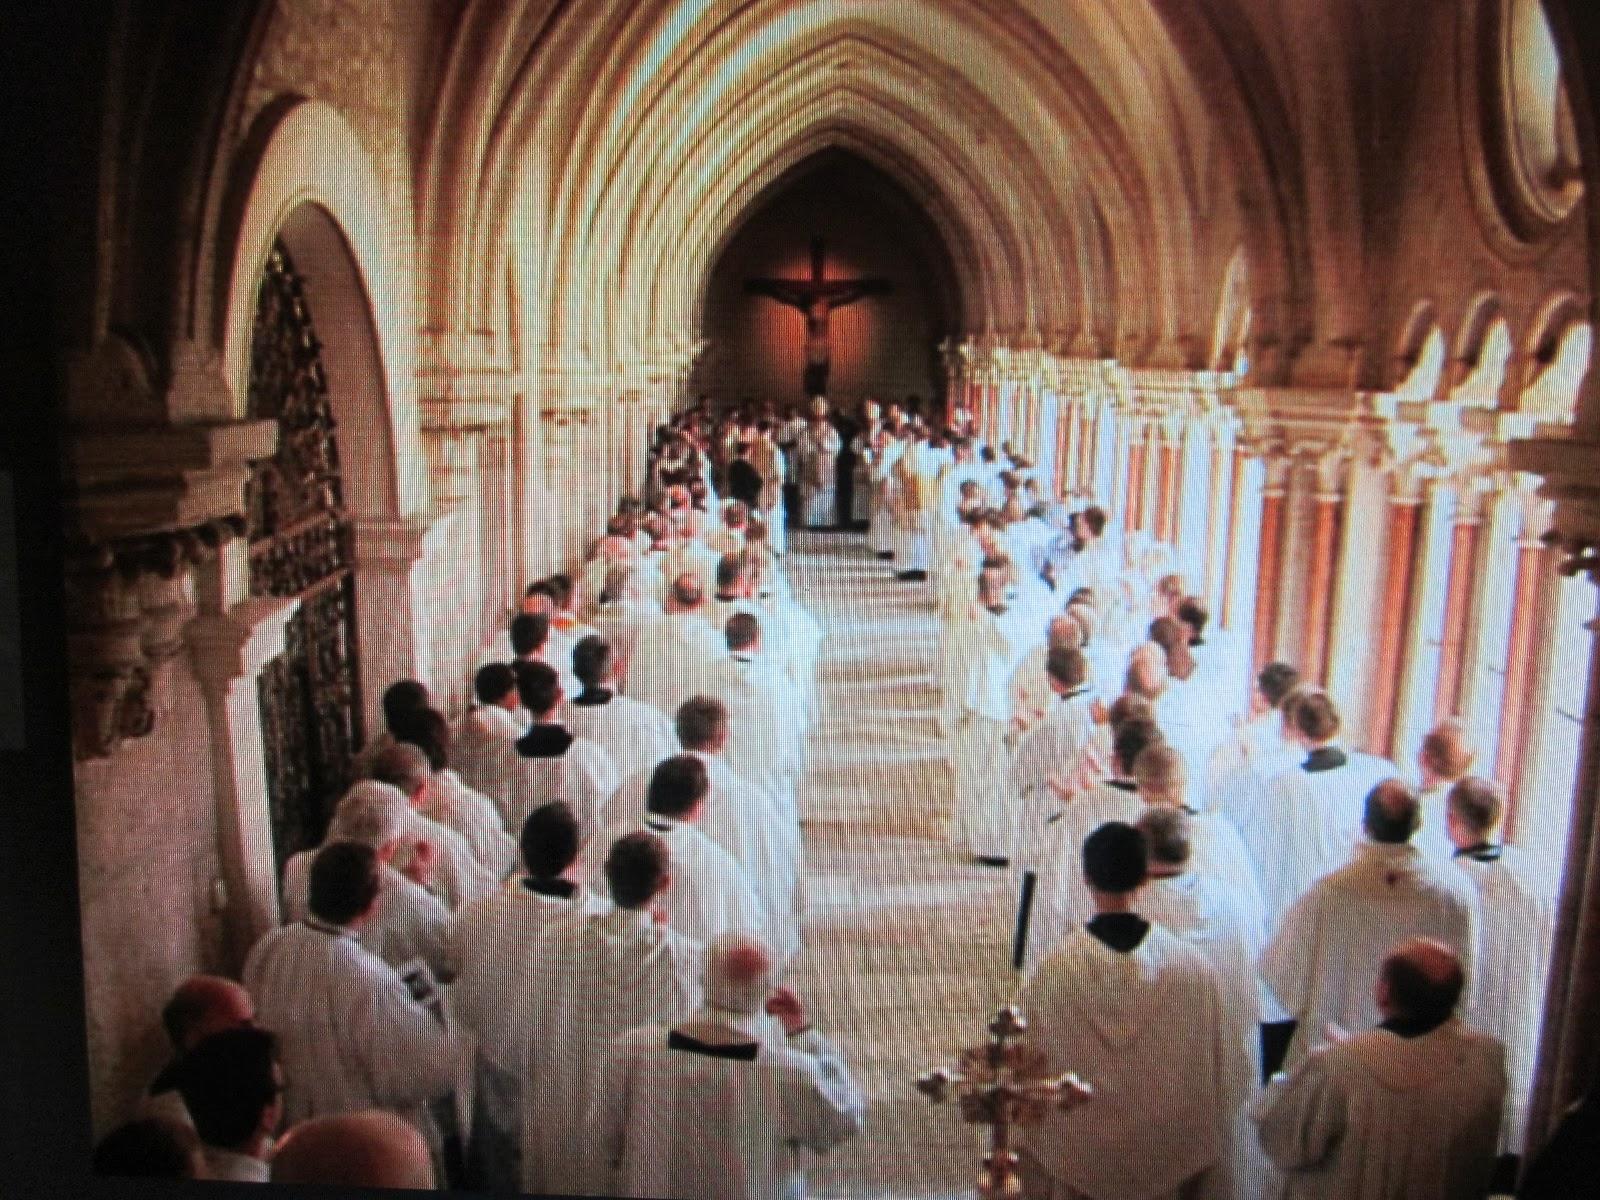 Gregorian chanting